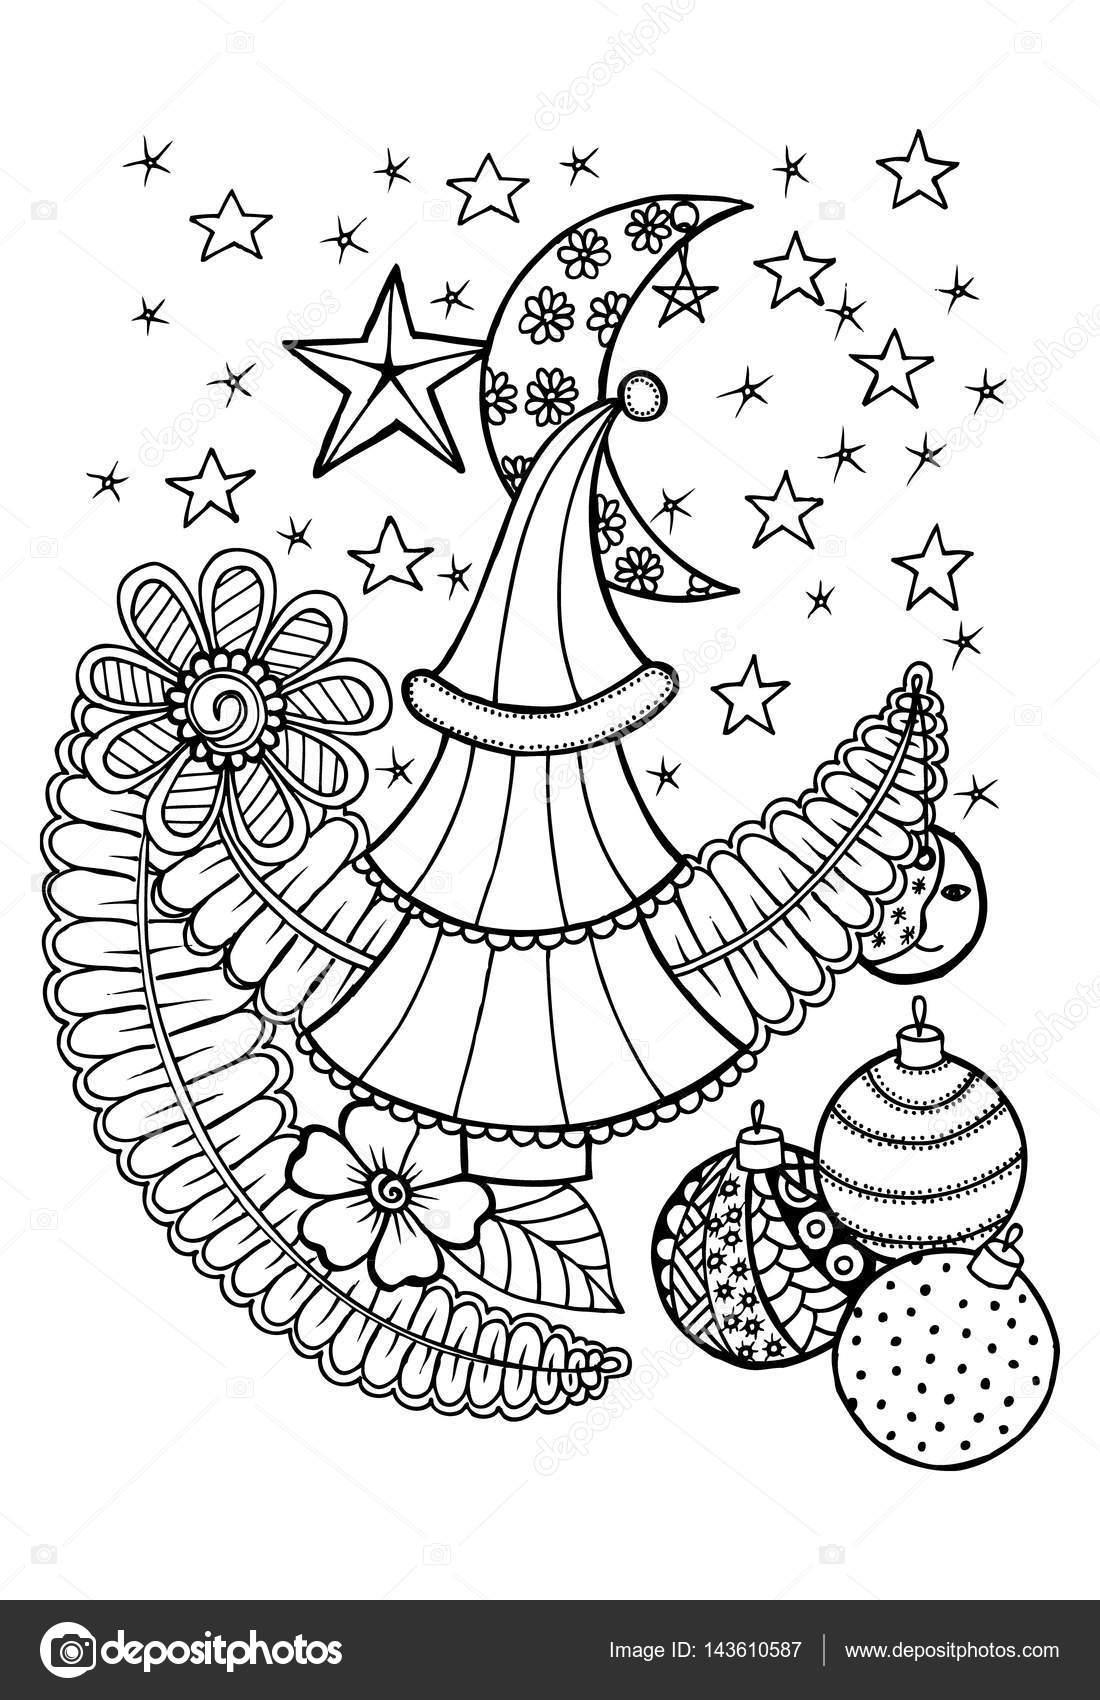 Weihnachtsbaum In Schwarz Und Weiß Zum Ausmalen Stockvektor